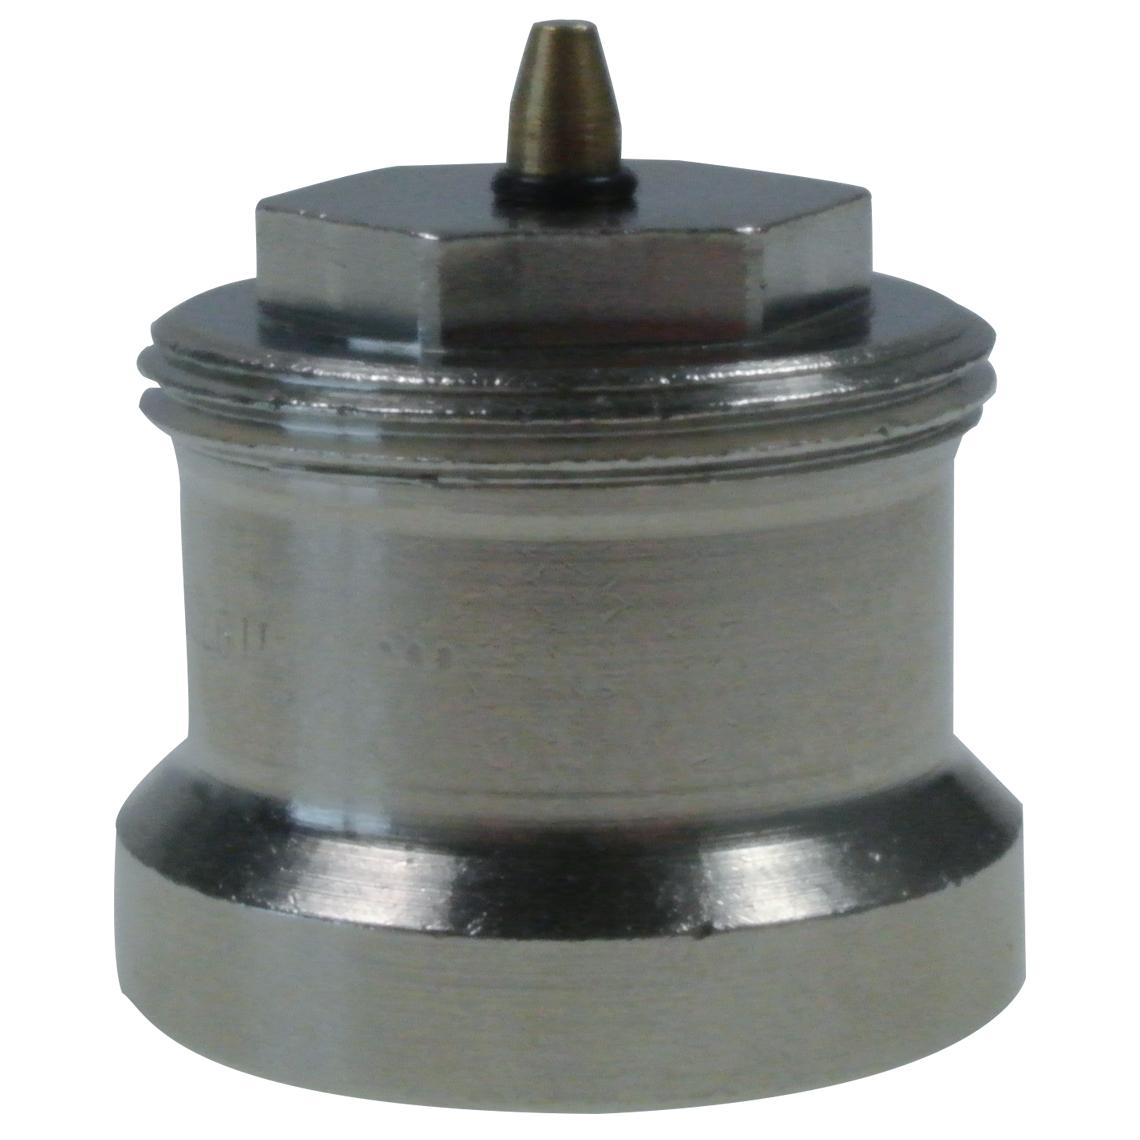 Ventiladapter SAB für Oventrop Z809 (M30x1,0) Produktbild